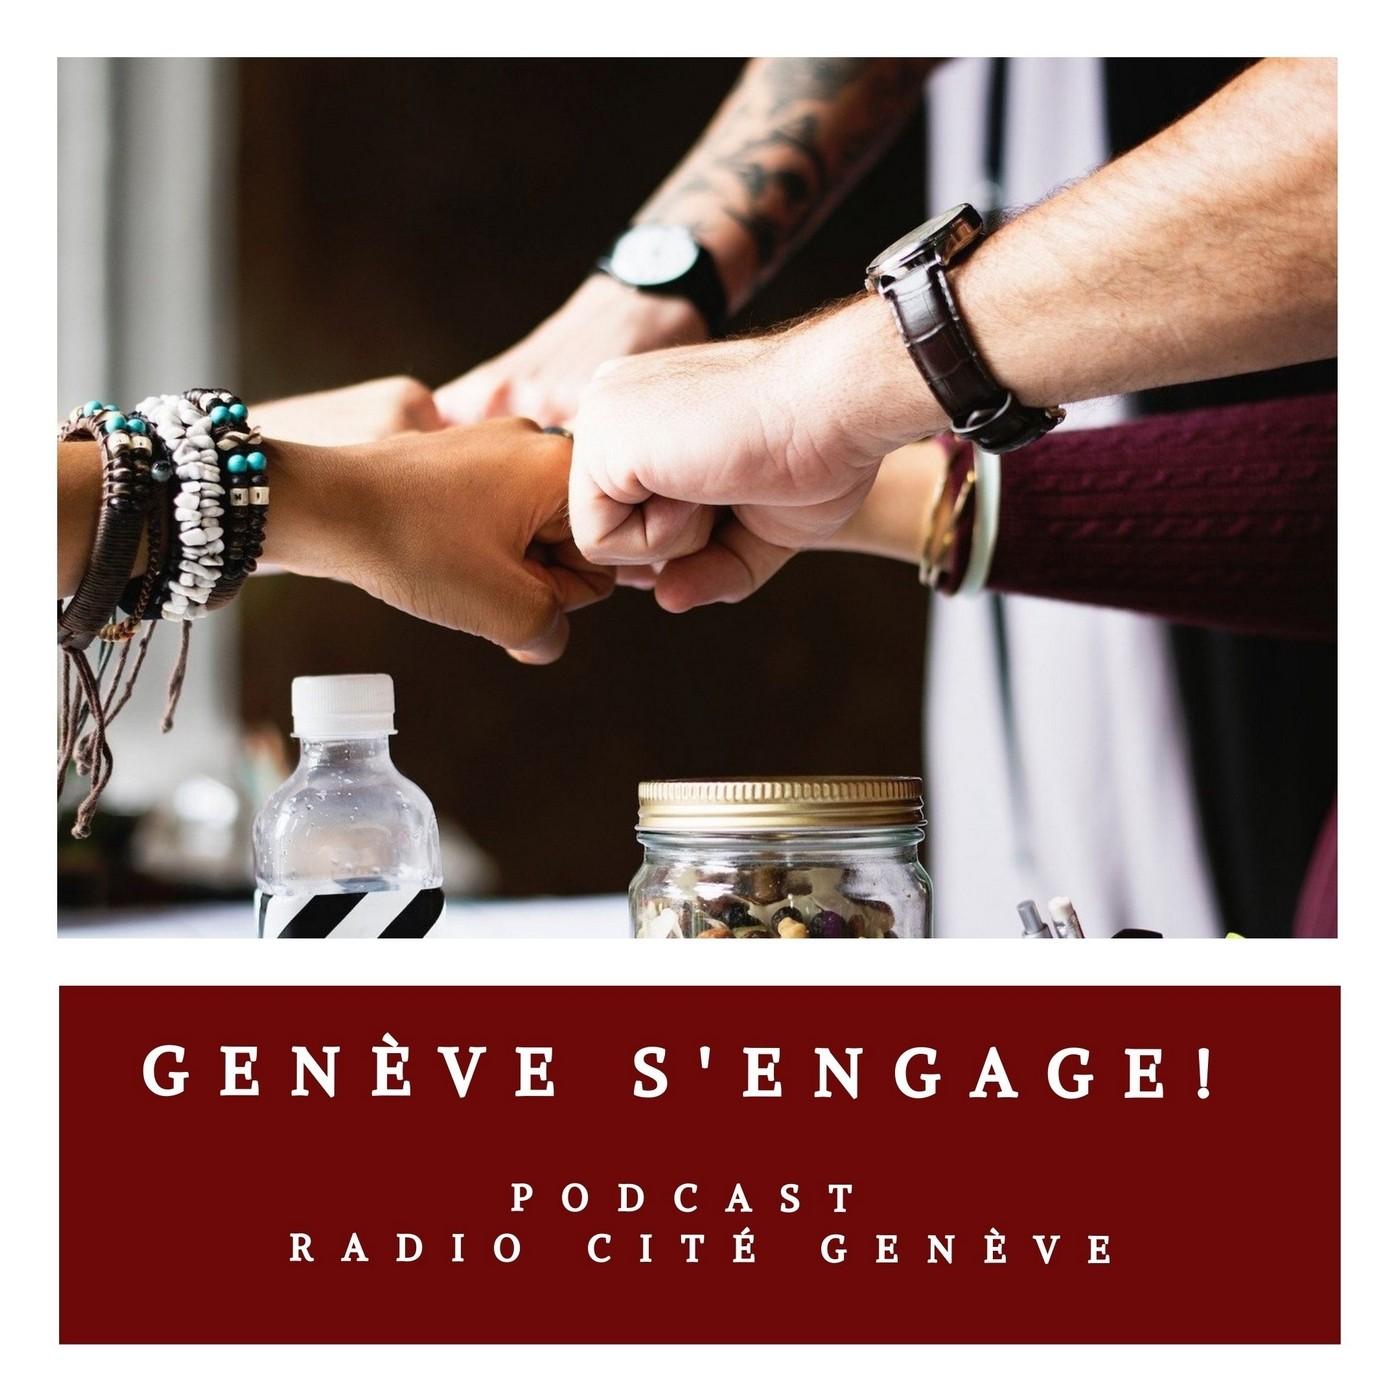 24/02/2021 - Genève s'engage pour les médias locaux